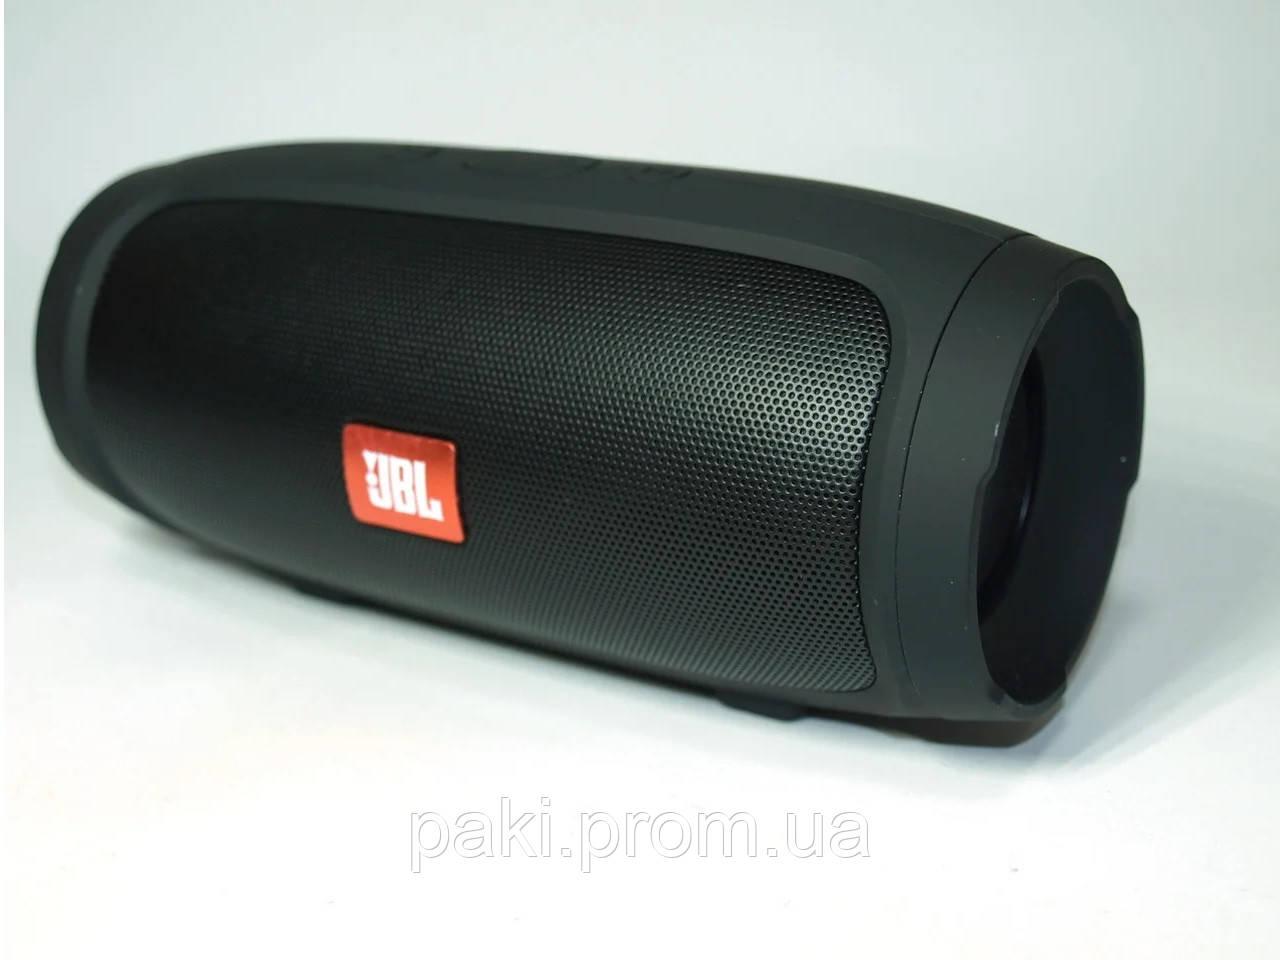 Портативная bluetooth колонка в стиле JBL Charge mini 3+ (Черная)